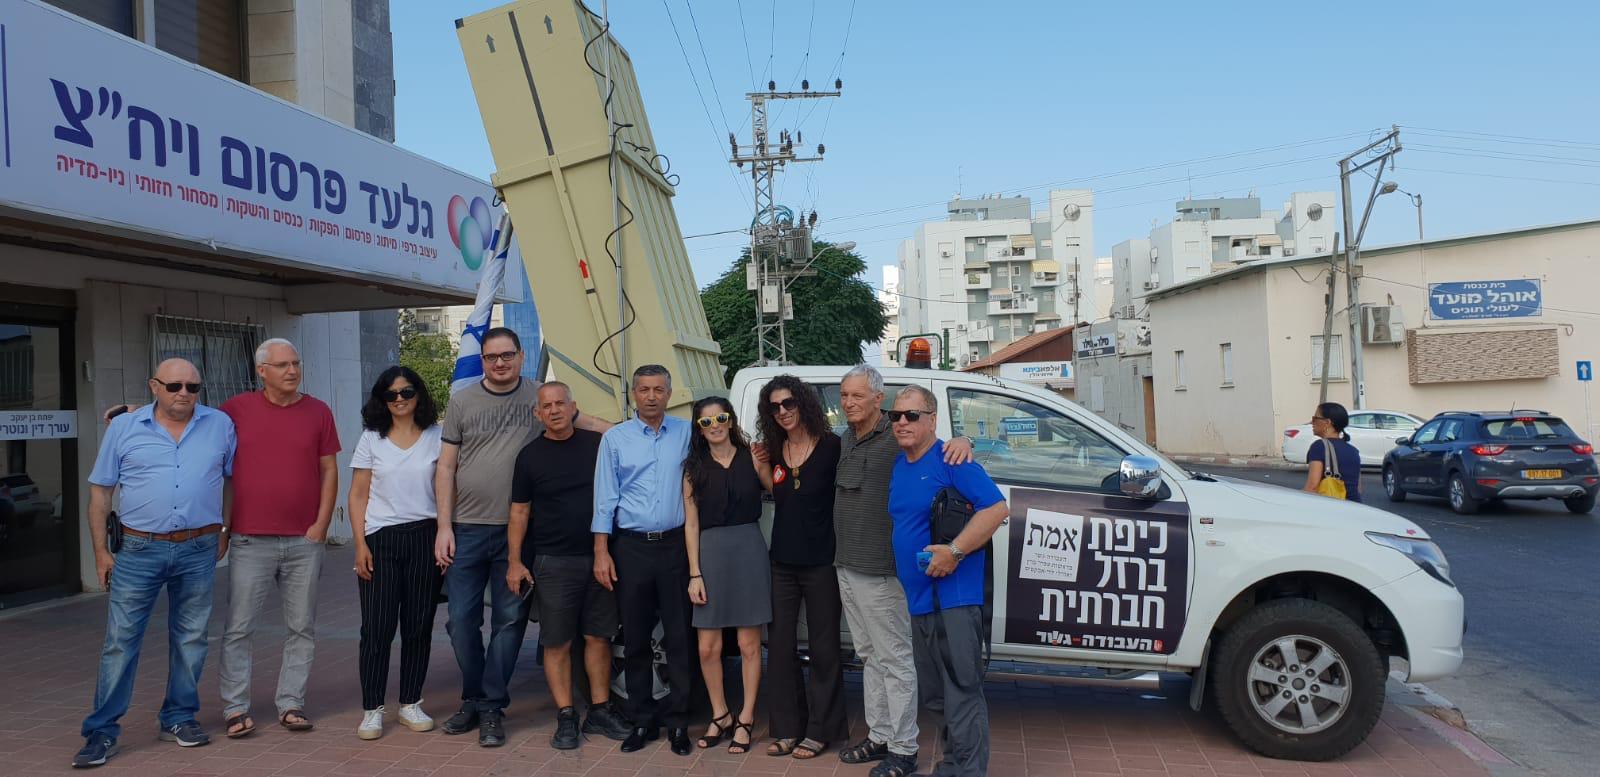 ישראל זיו בכתבת בחירות ראשונה